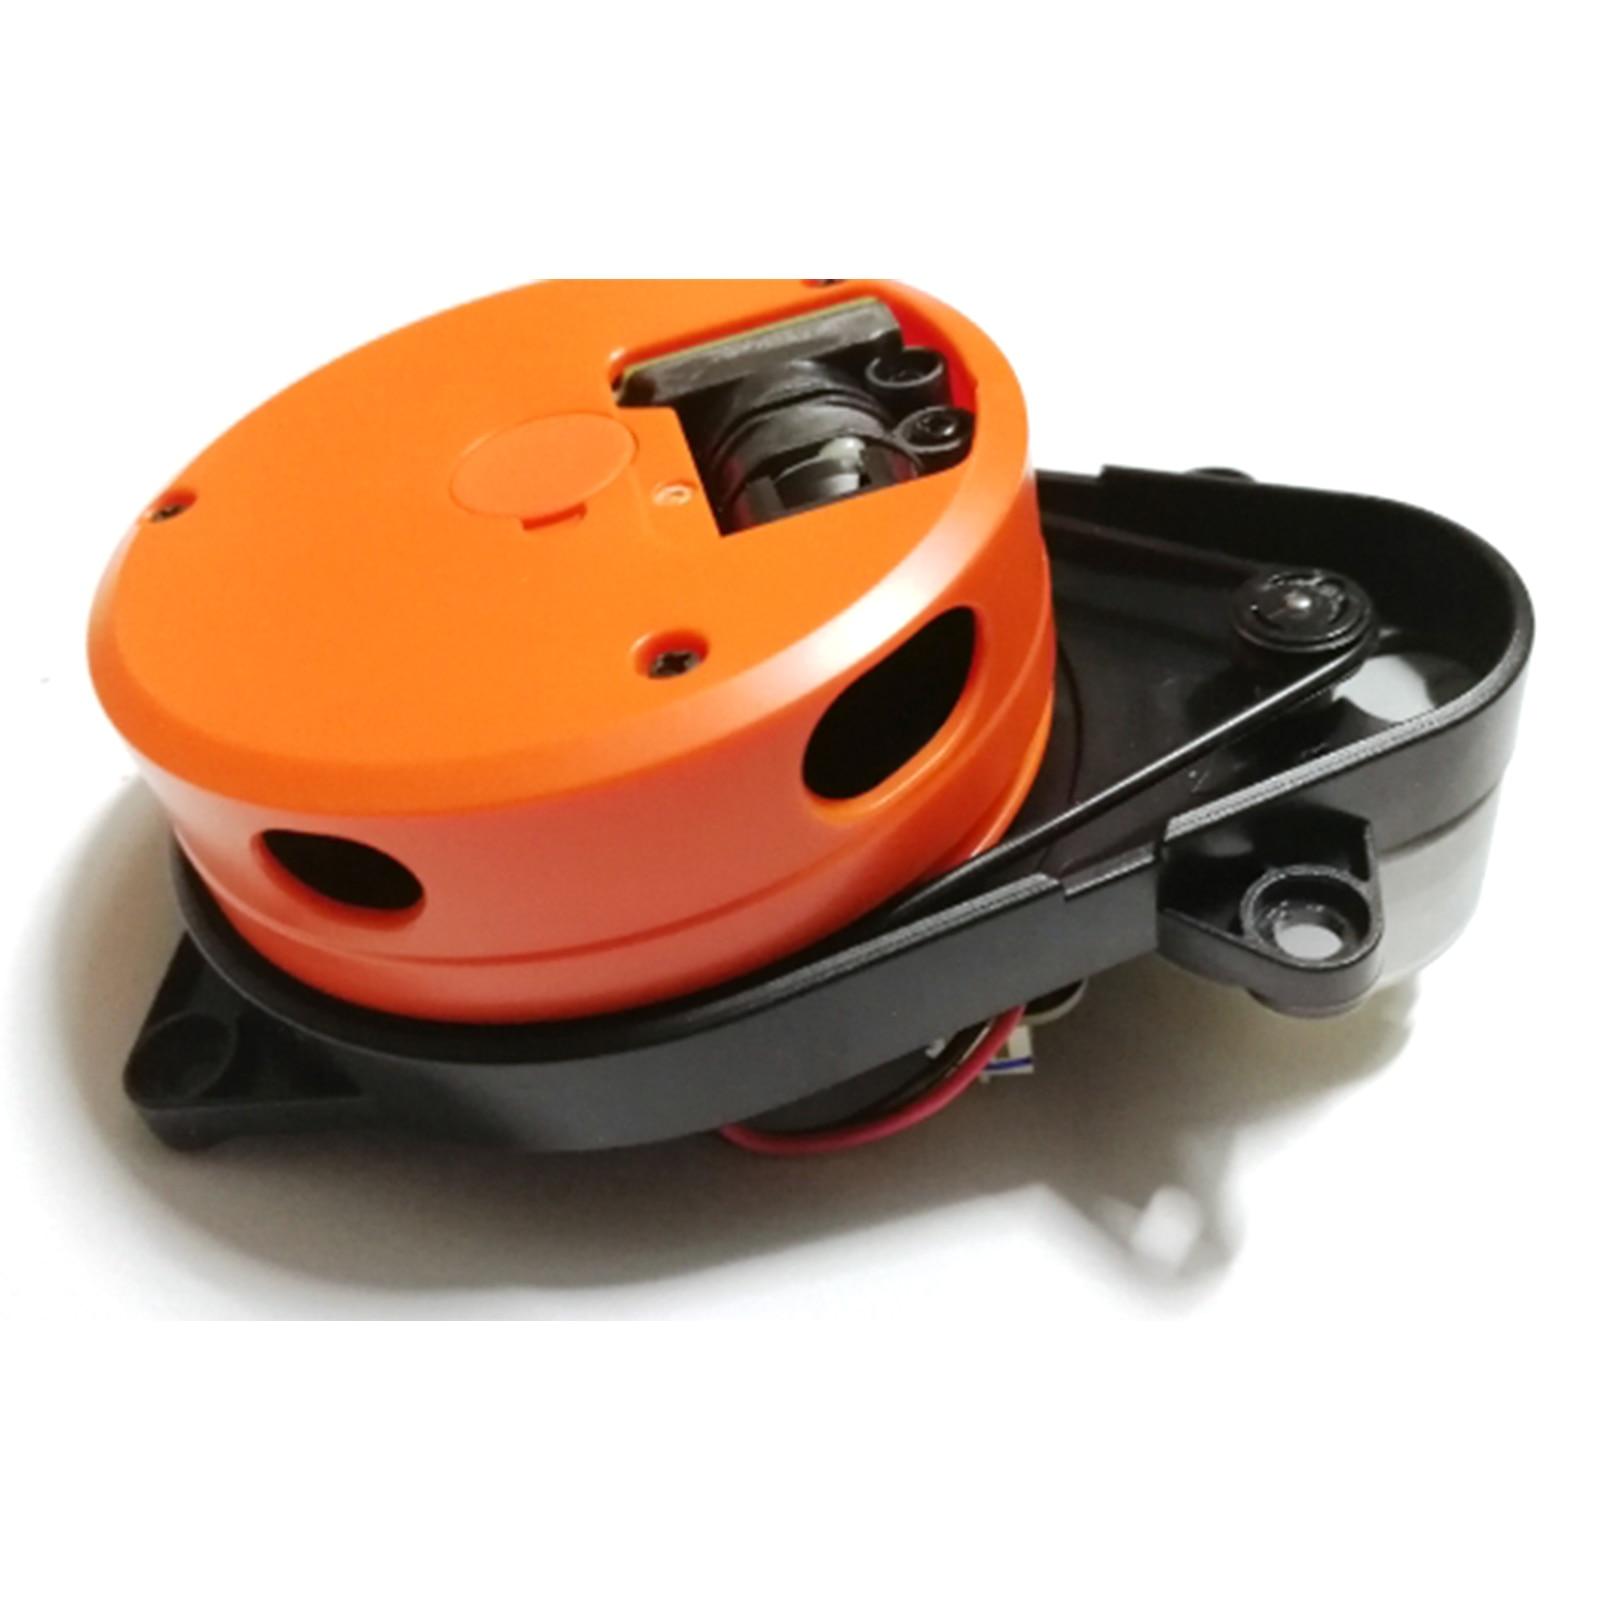 Profissional robô aspirador de pó lds sensor cabeça do laser para xiaomi varrendo esfregar robô aspirador de pó styj02ym - 2